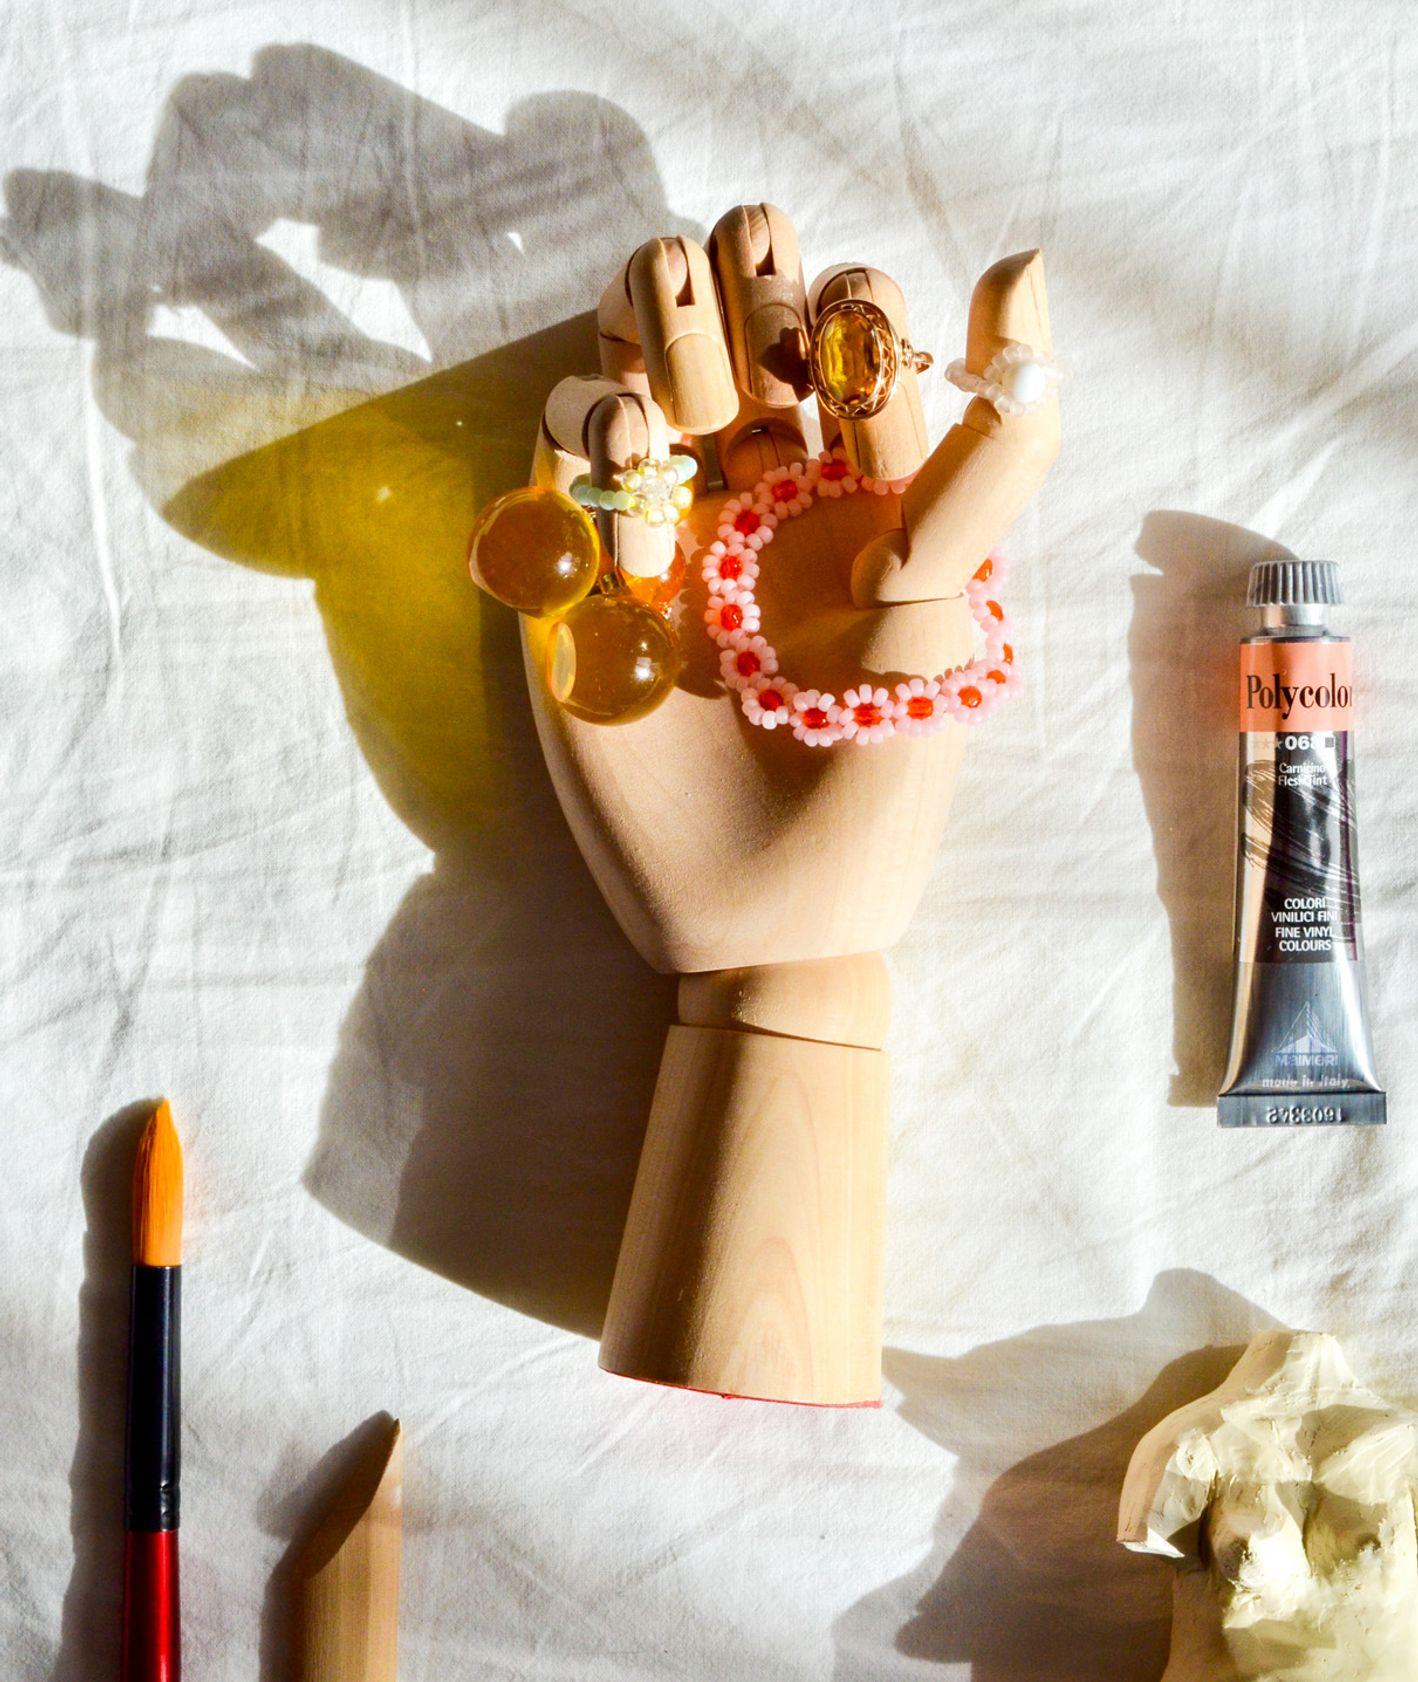 Modelowa ręka i domowe drobiazgi (fot. Marta Grzebisz)